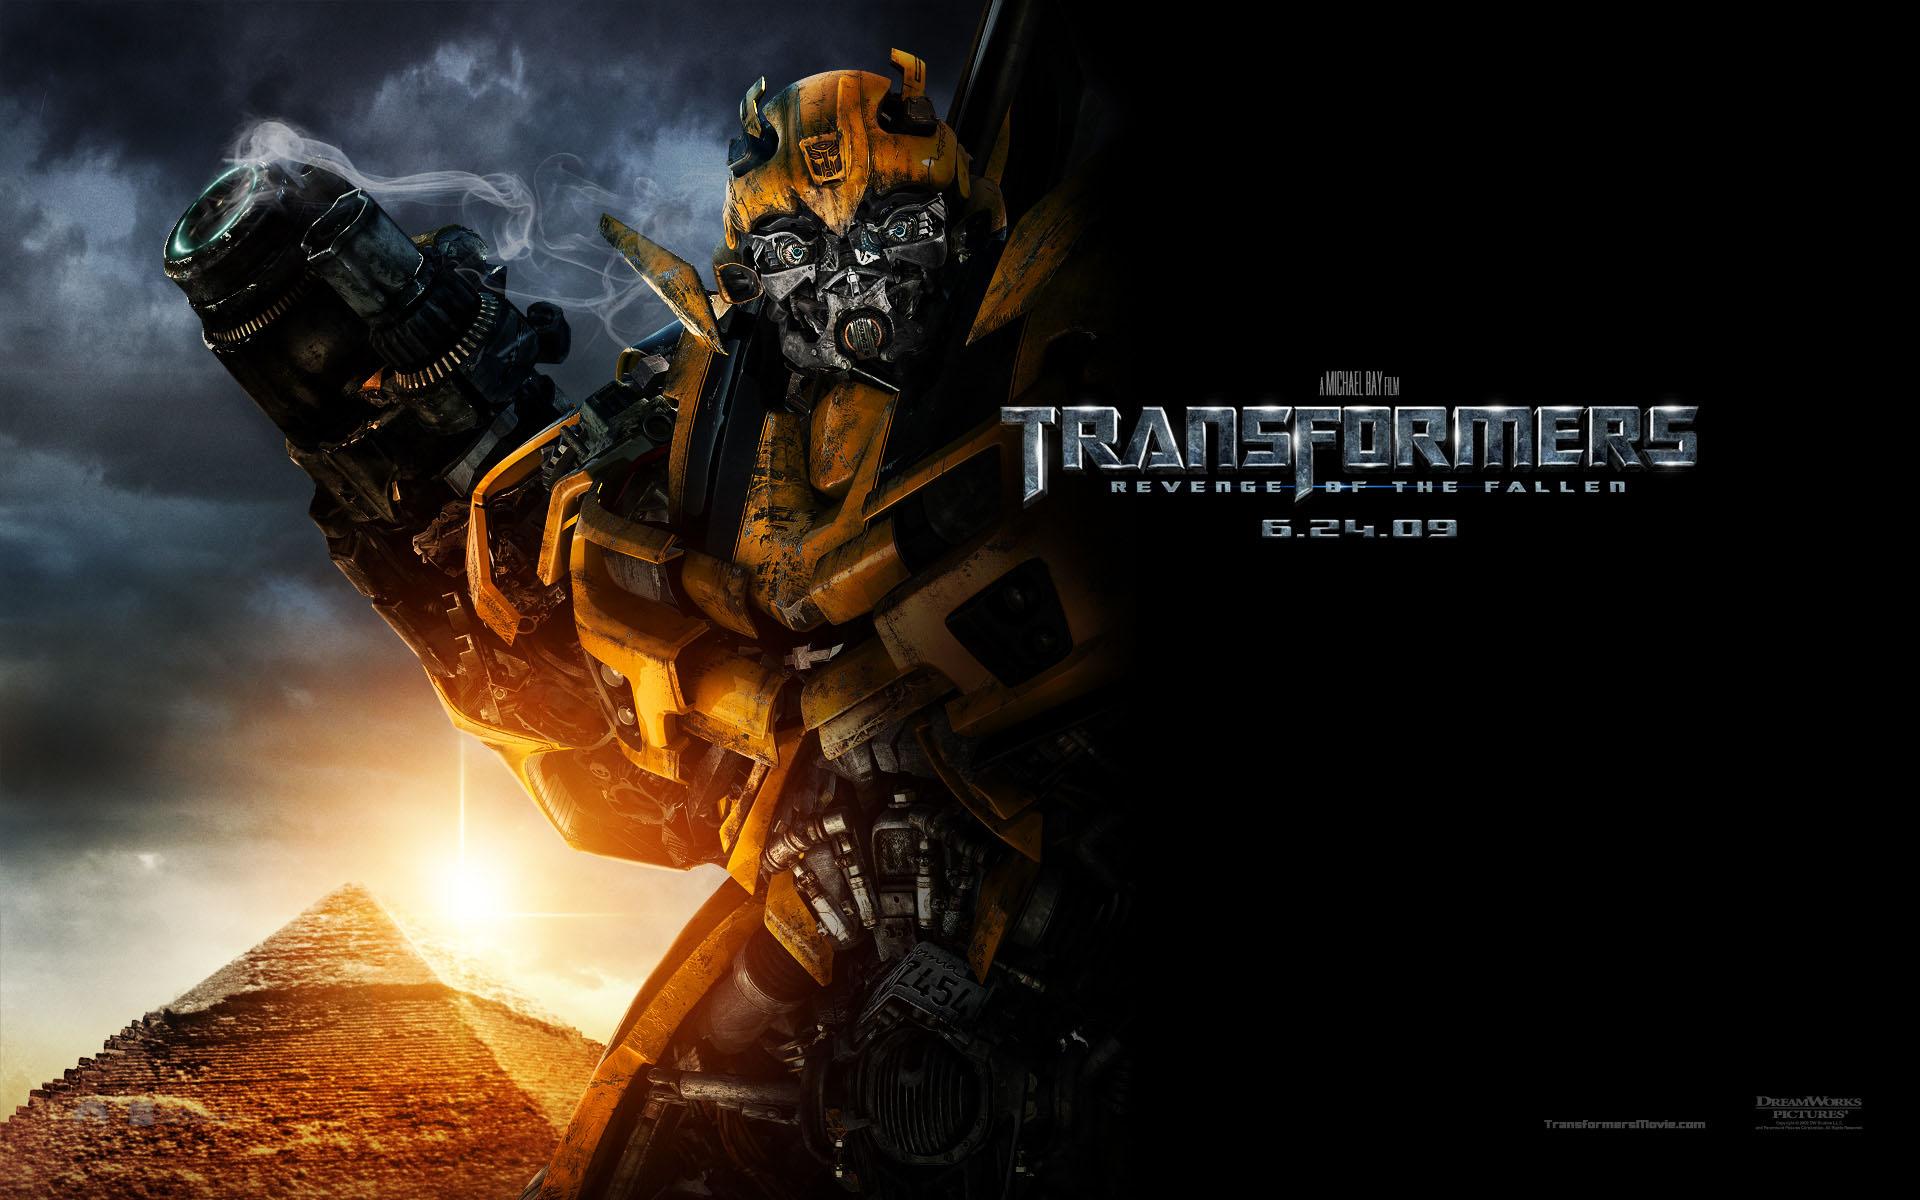 Bumble Bee Autobot In Transformers Revenge Of The Fallen Desktop